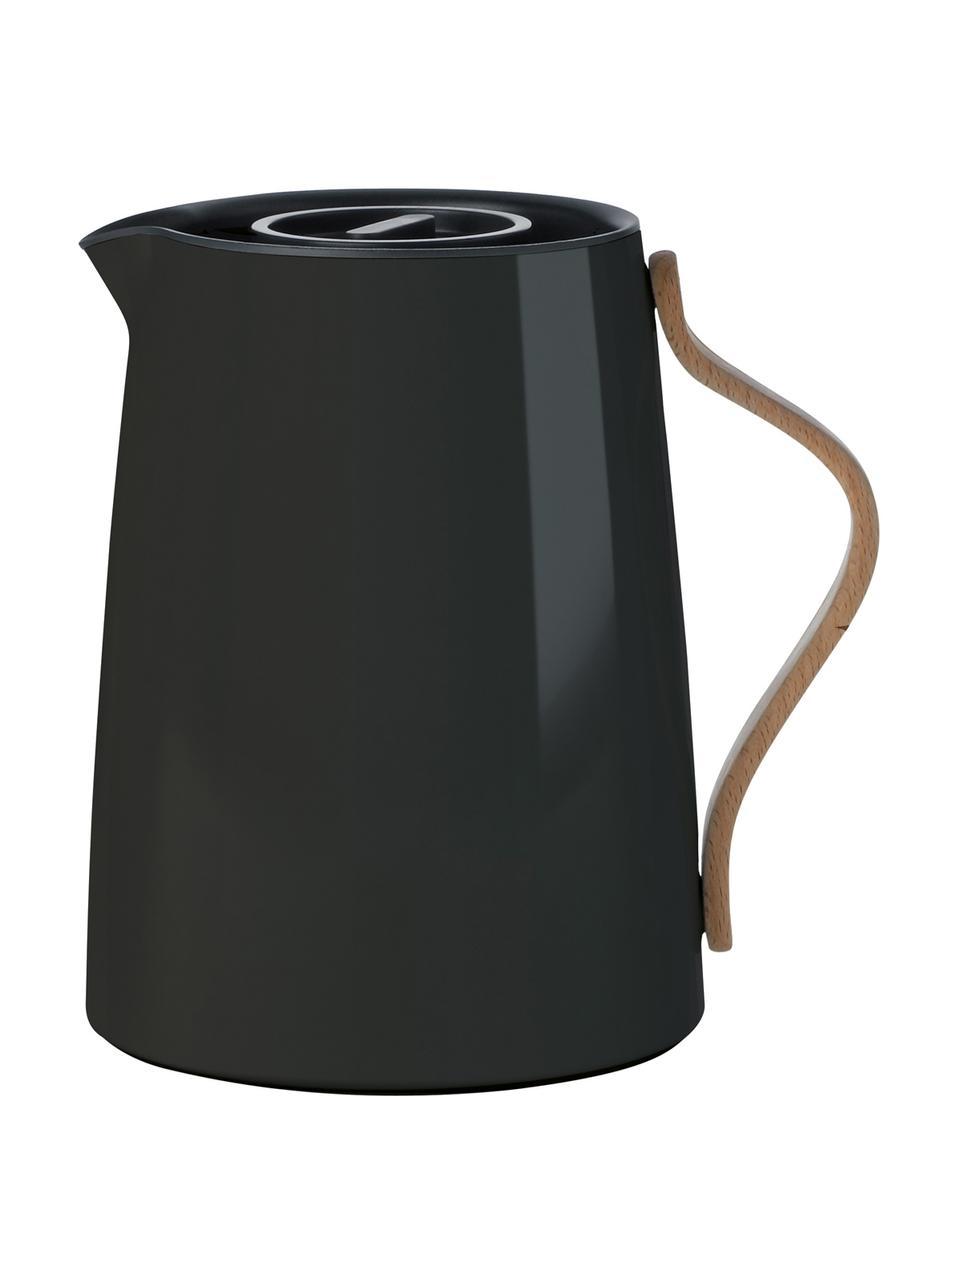 Teiera color nero lucido Emma, 1 L, Rivestimento: smalto, Manico: legno di faggio, Nero, 1 L